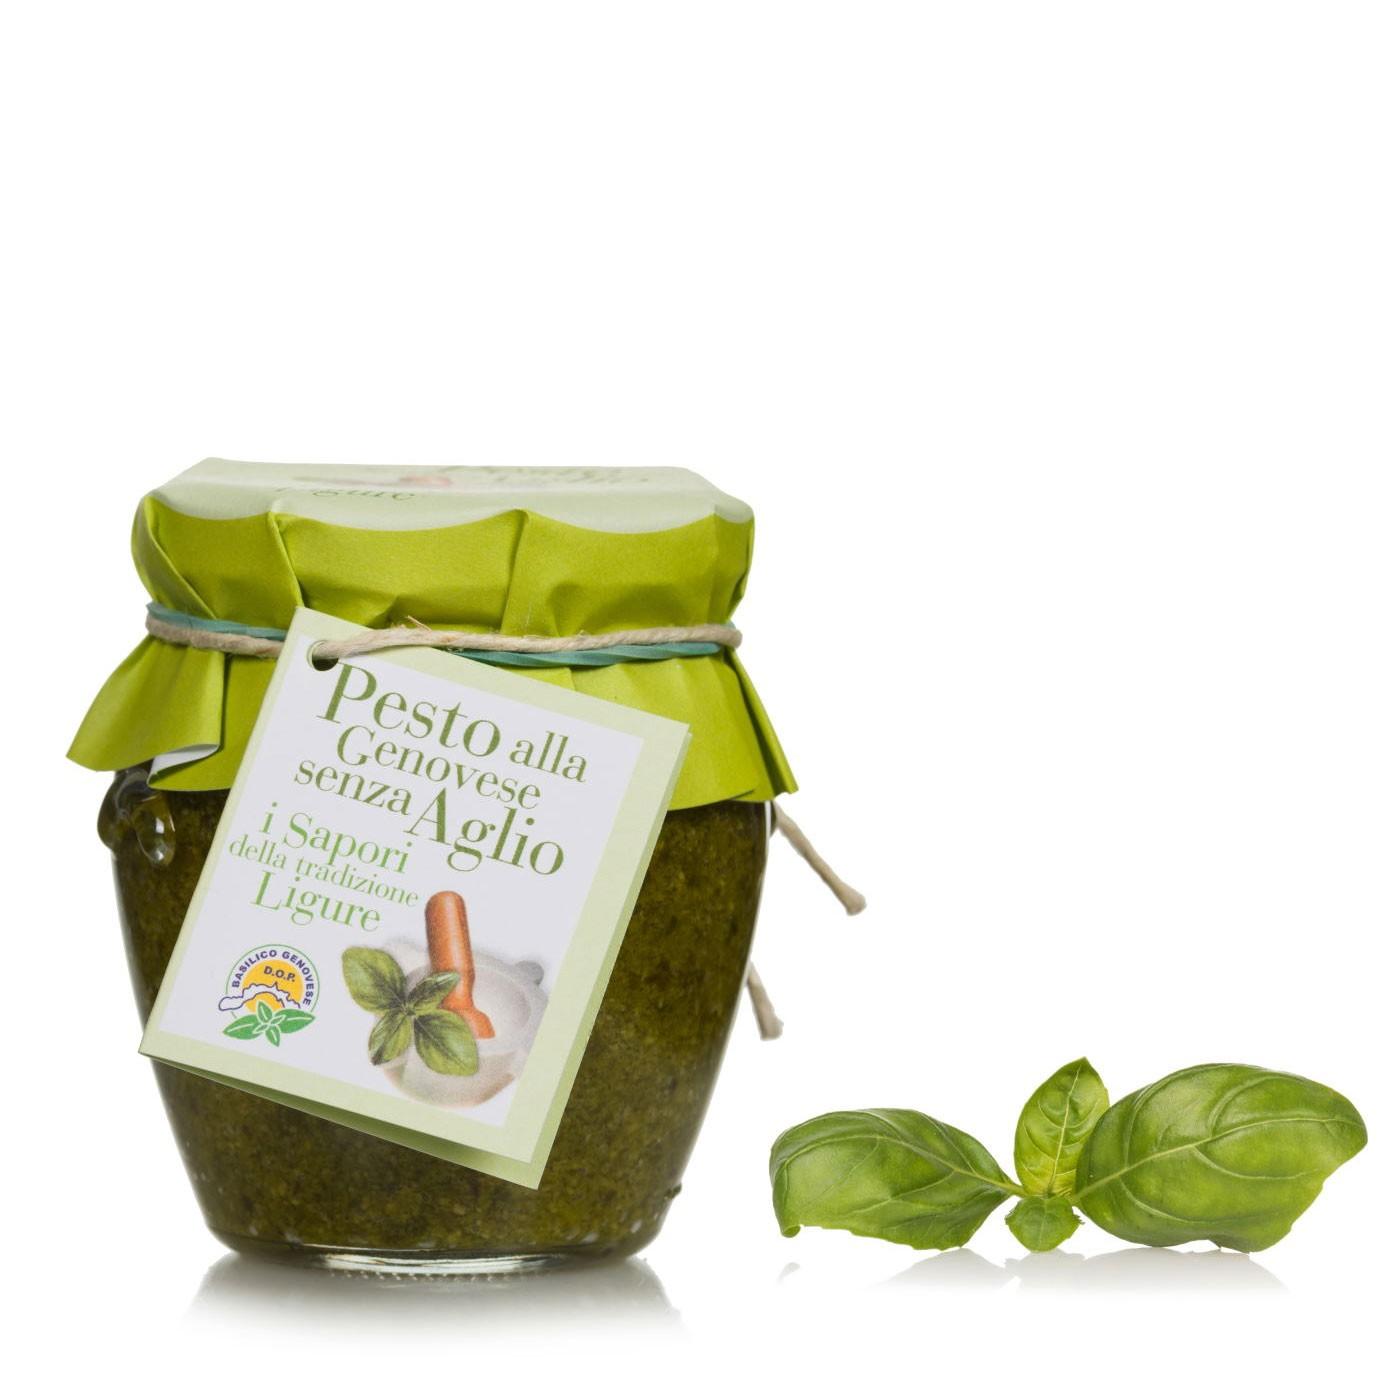 Basil Pesto without Garlic 6.3 oz